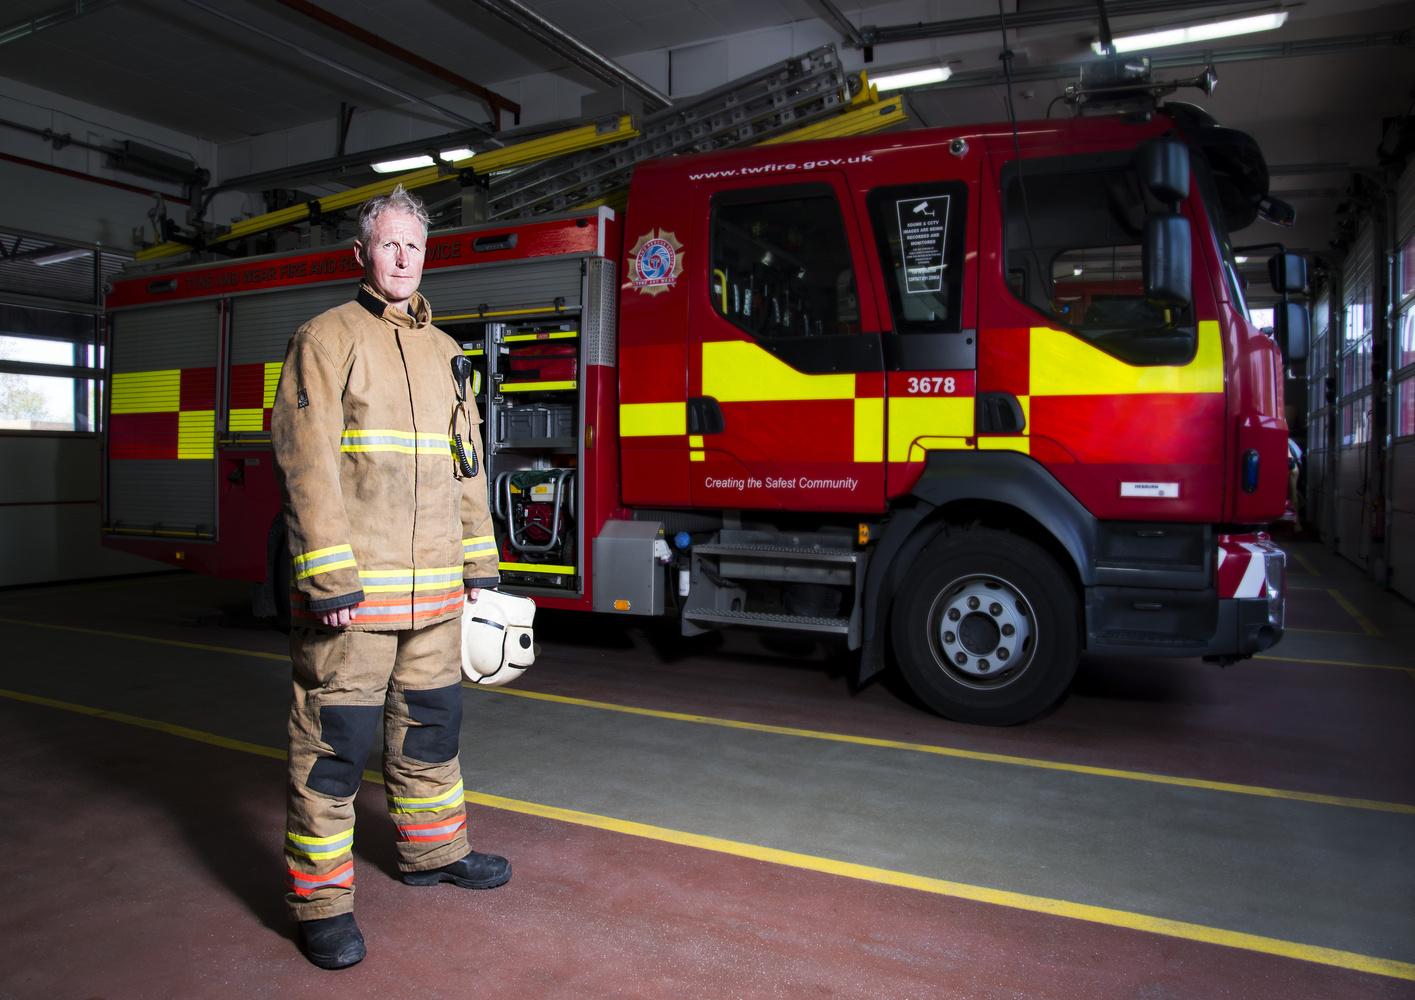 Fireman Darren by Nicholas Dunn